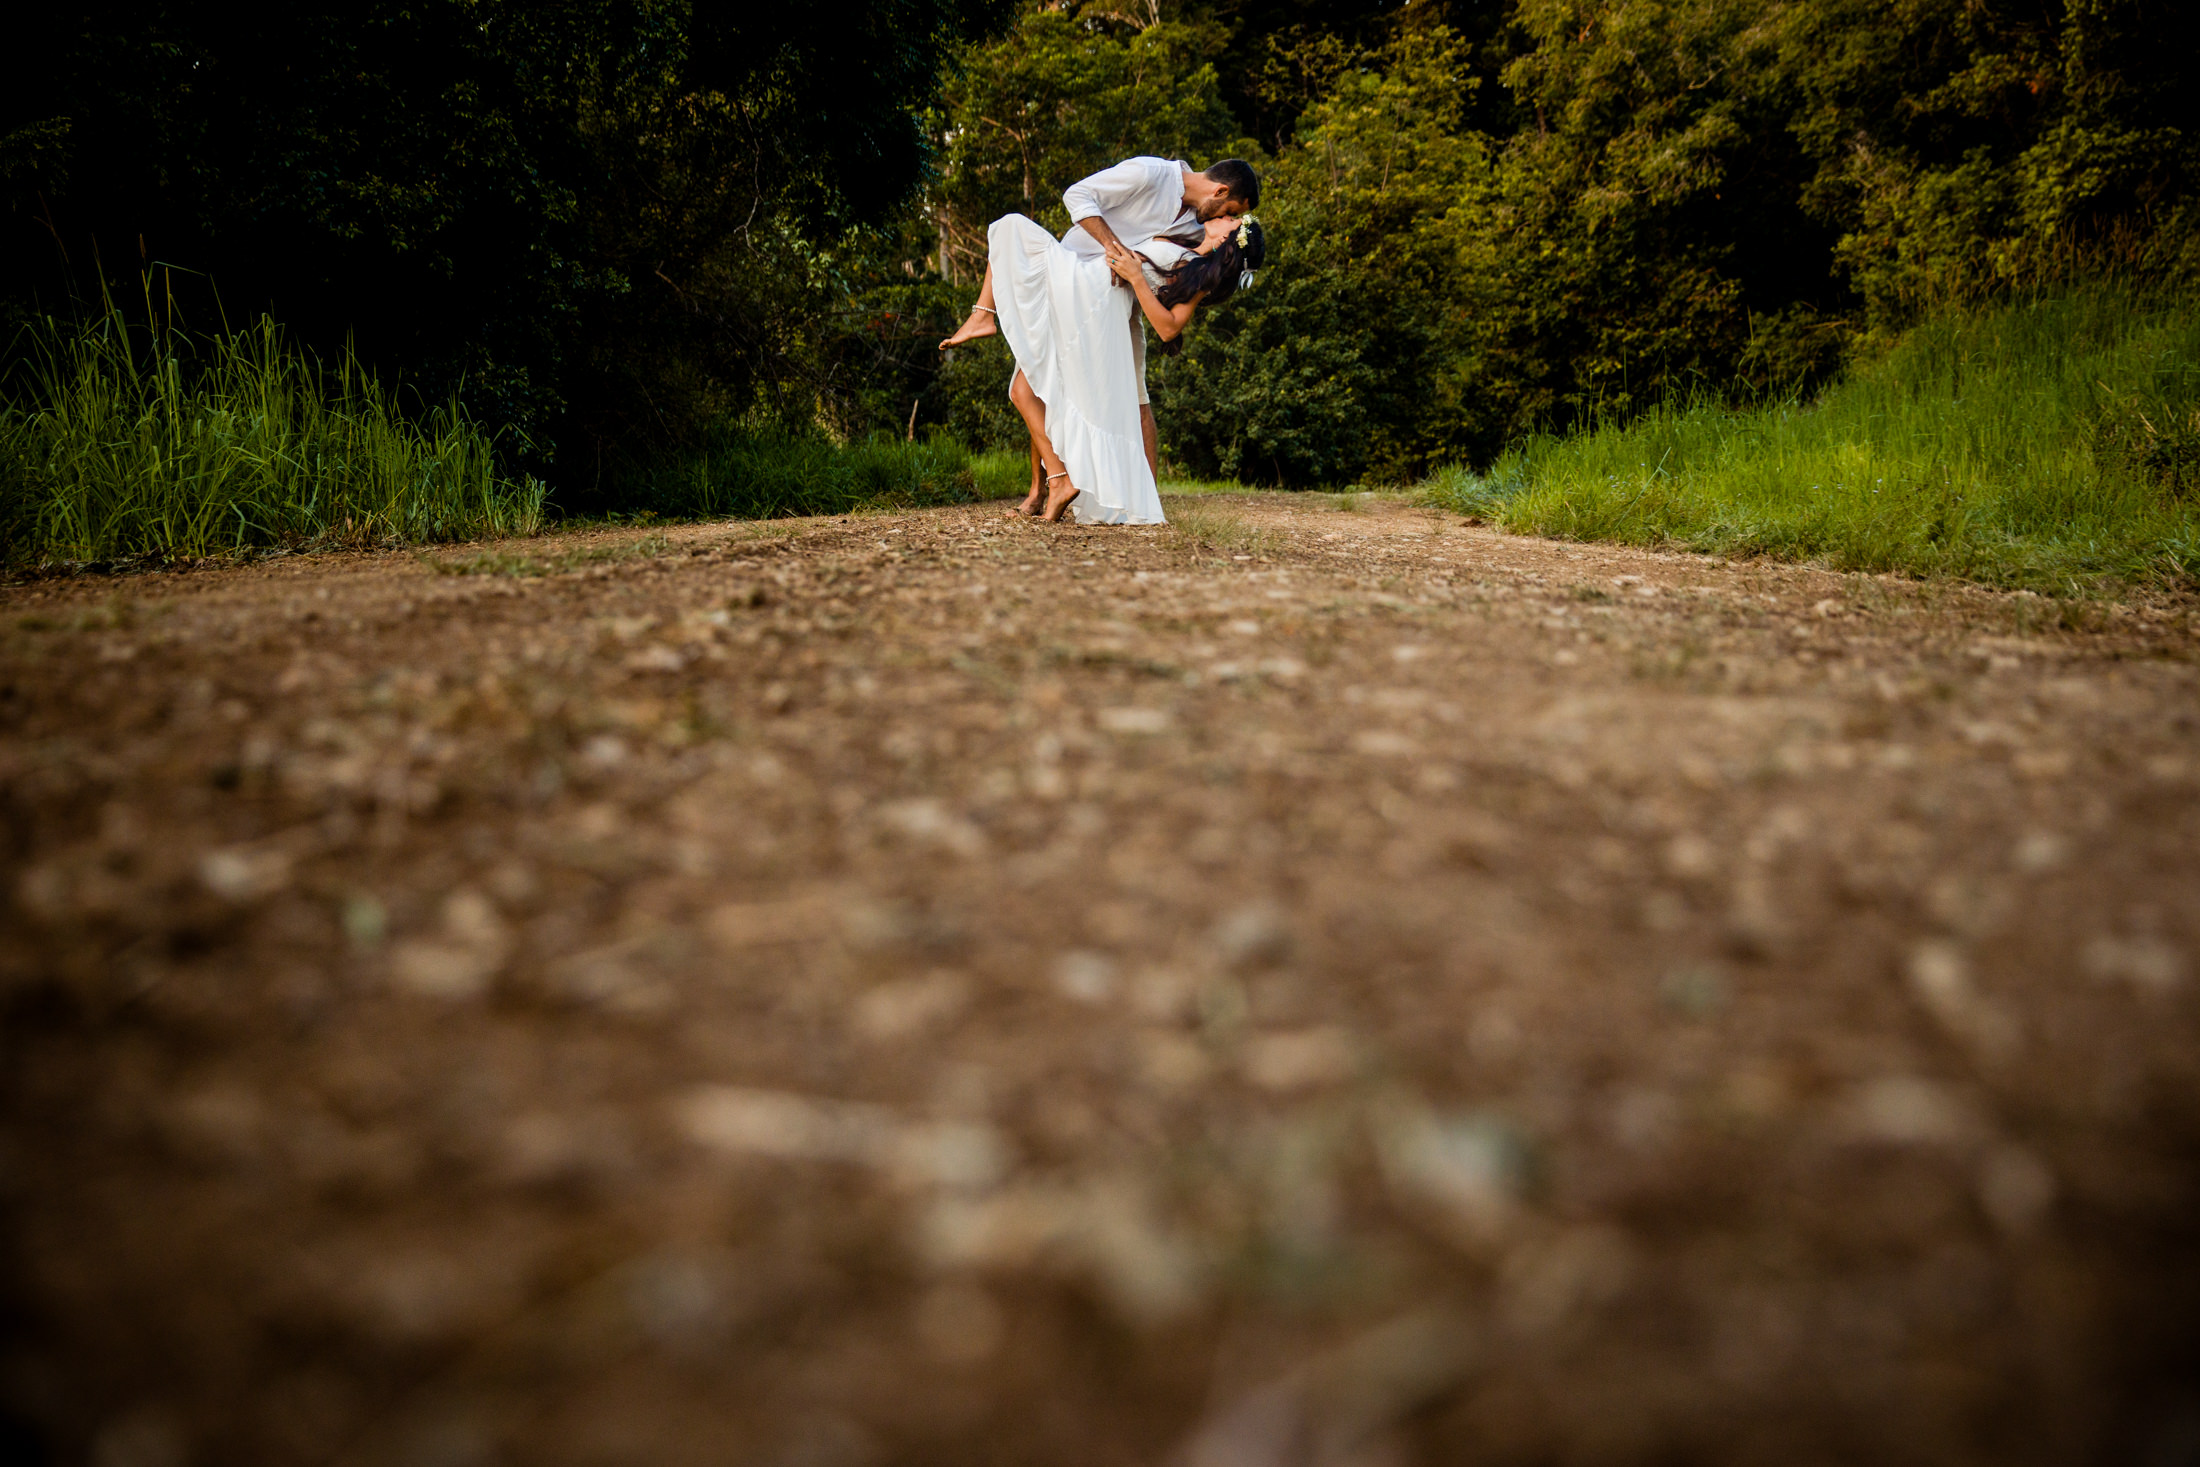 Chad-M-Brown-Brisbane-Wedding-Photographer-017